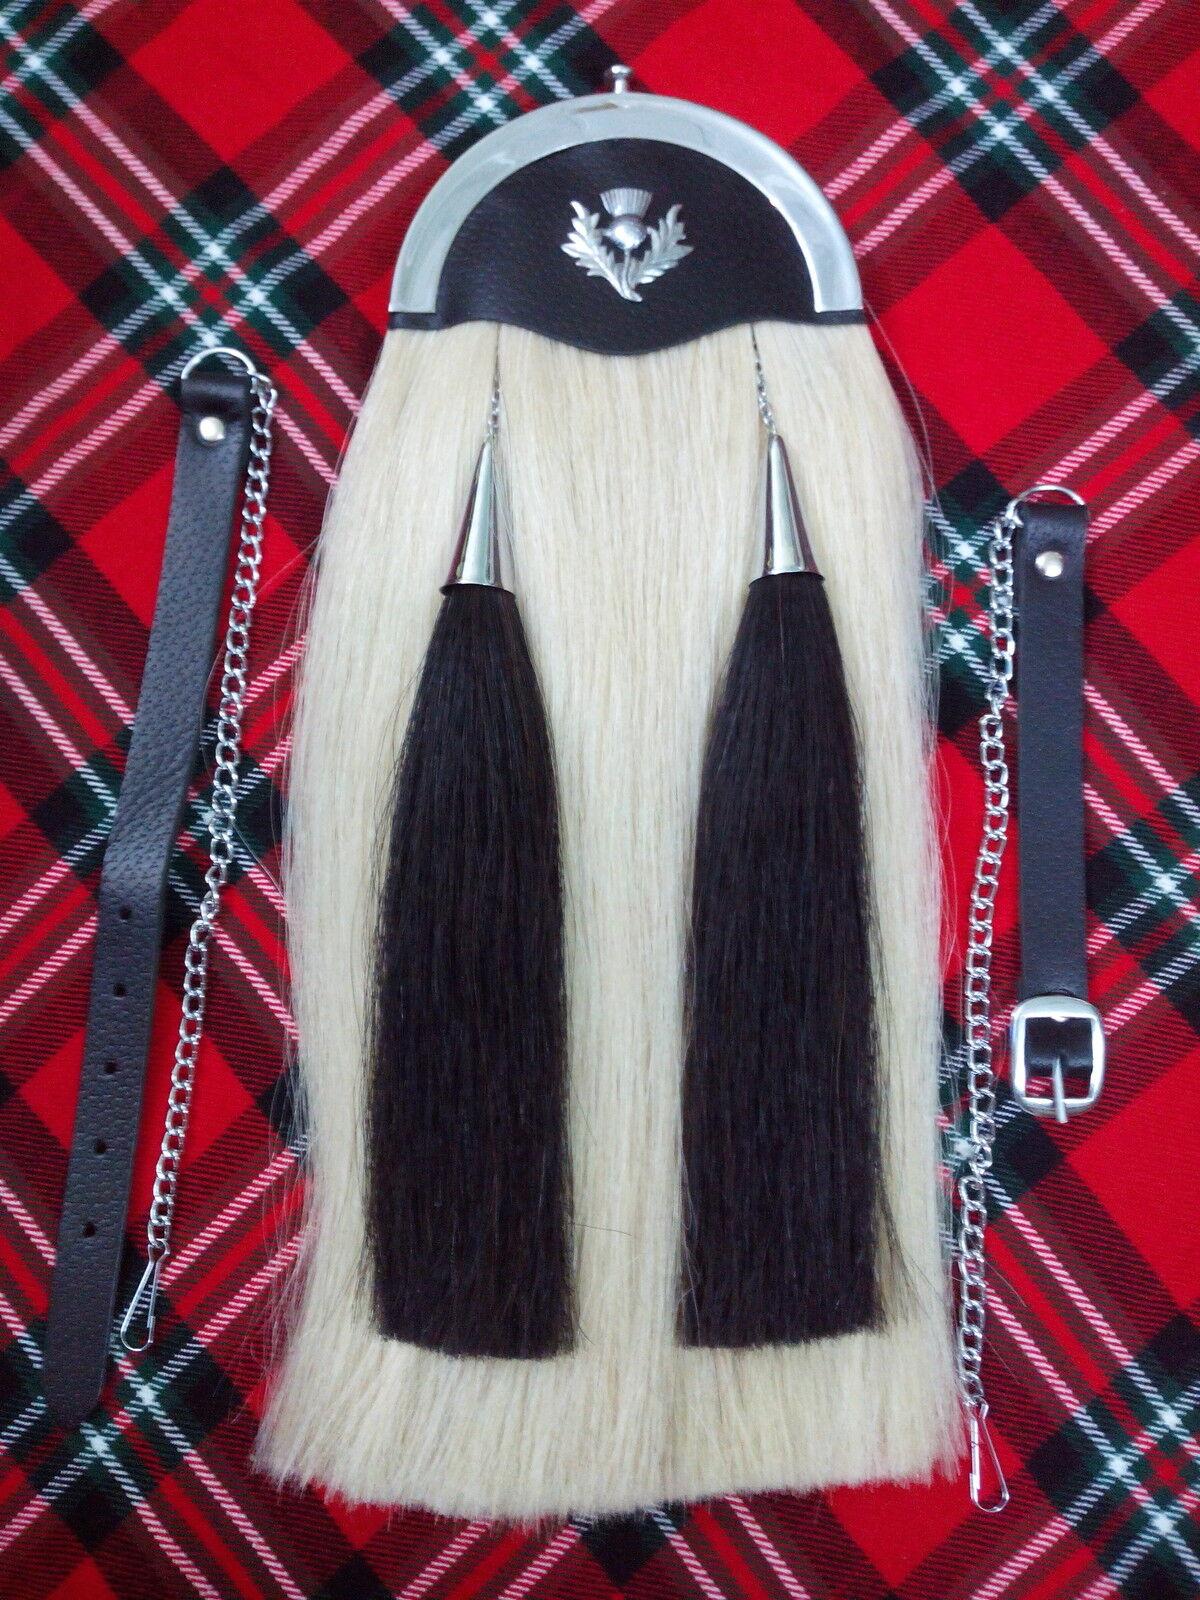 TC nuevo pelo de caballo Sporran Original + + + Llano Cantle Kilt Sporran blancoo Pelo de Caballo  hasta un 50% de descuento